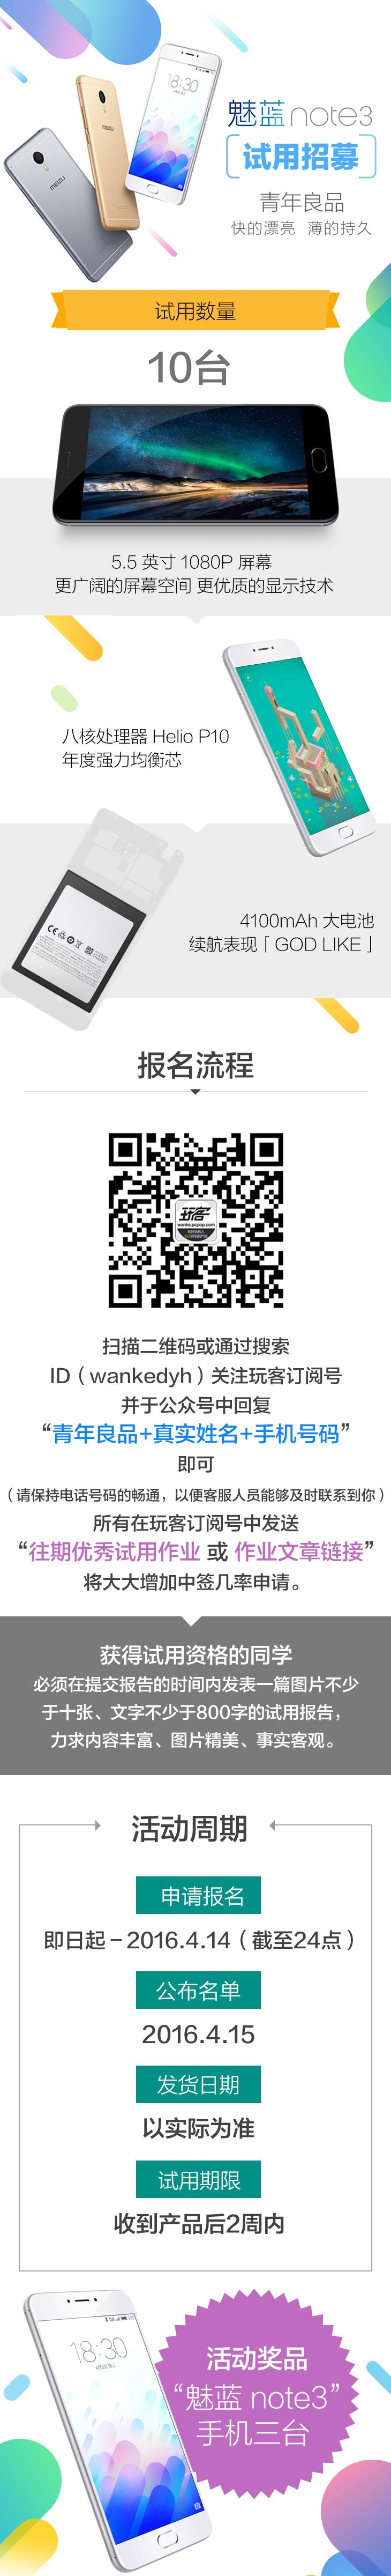 青年良品 10台魅蓝note3免费试用招募